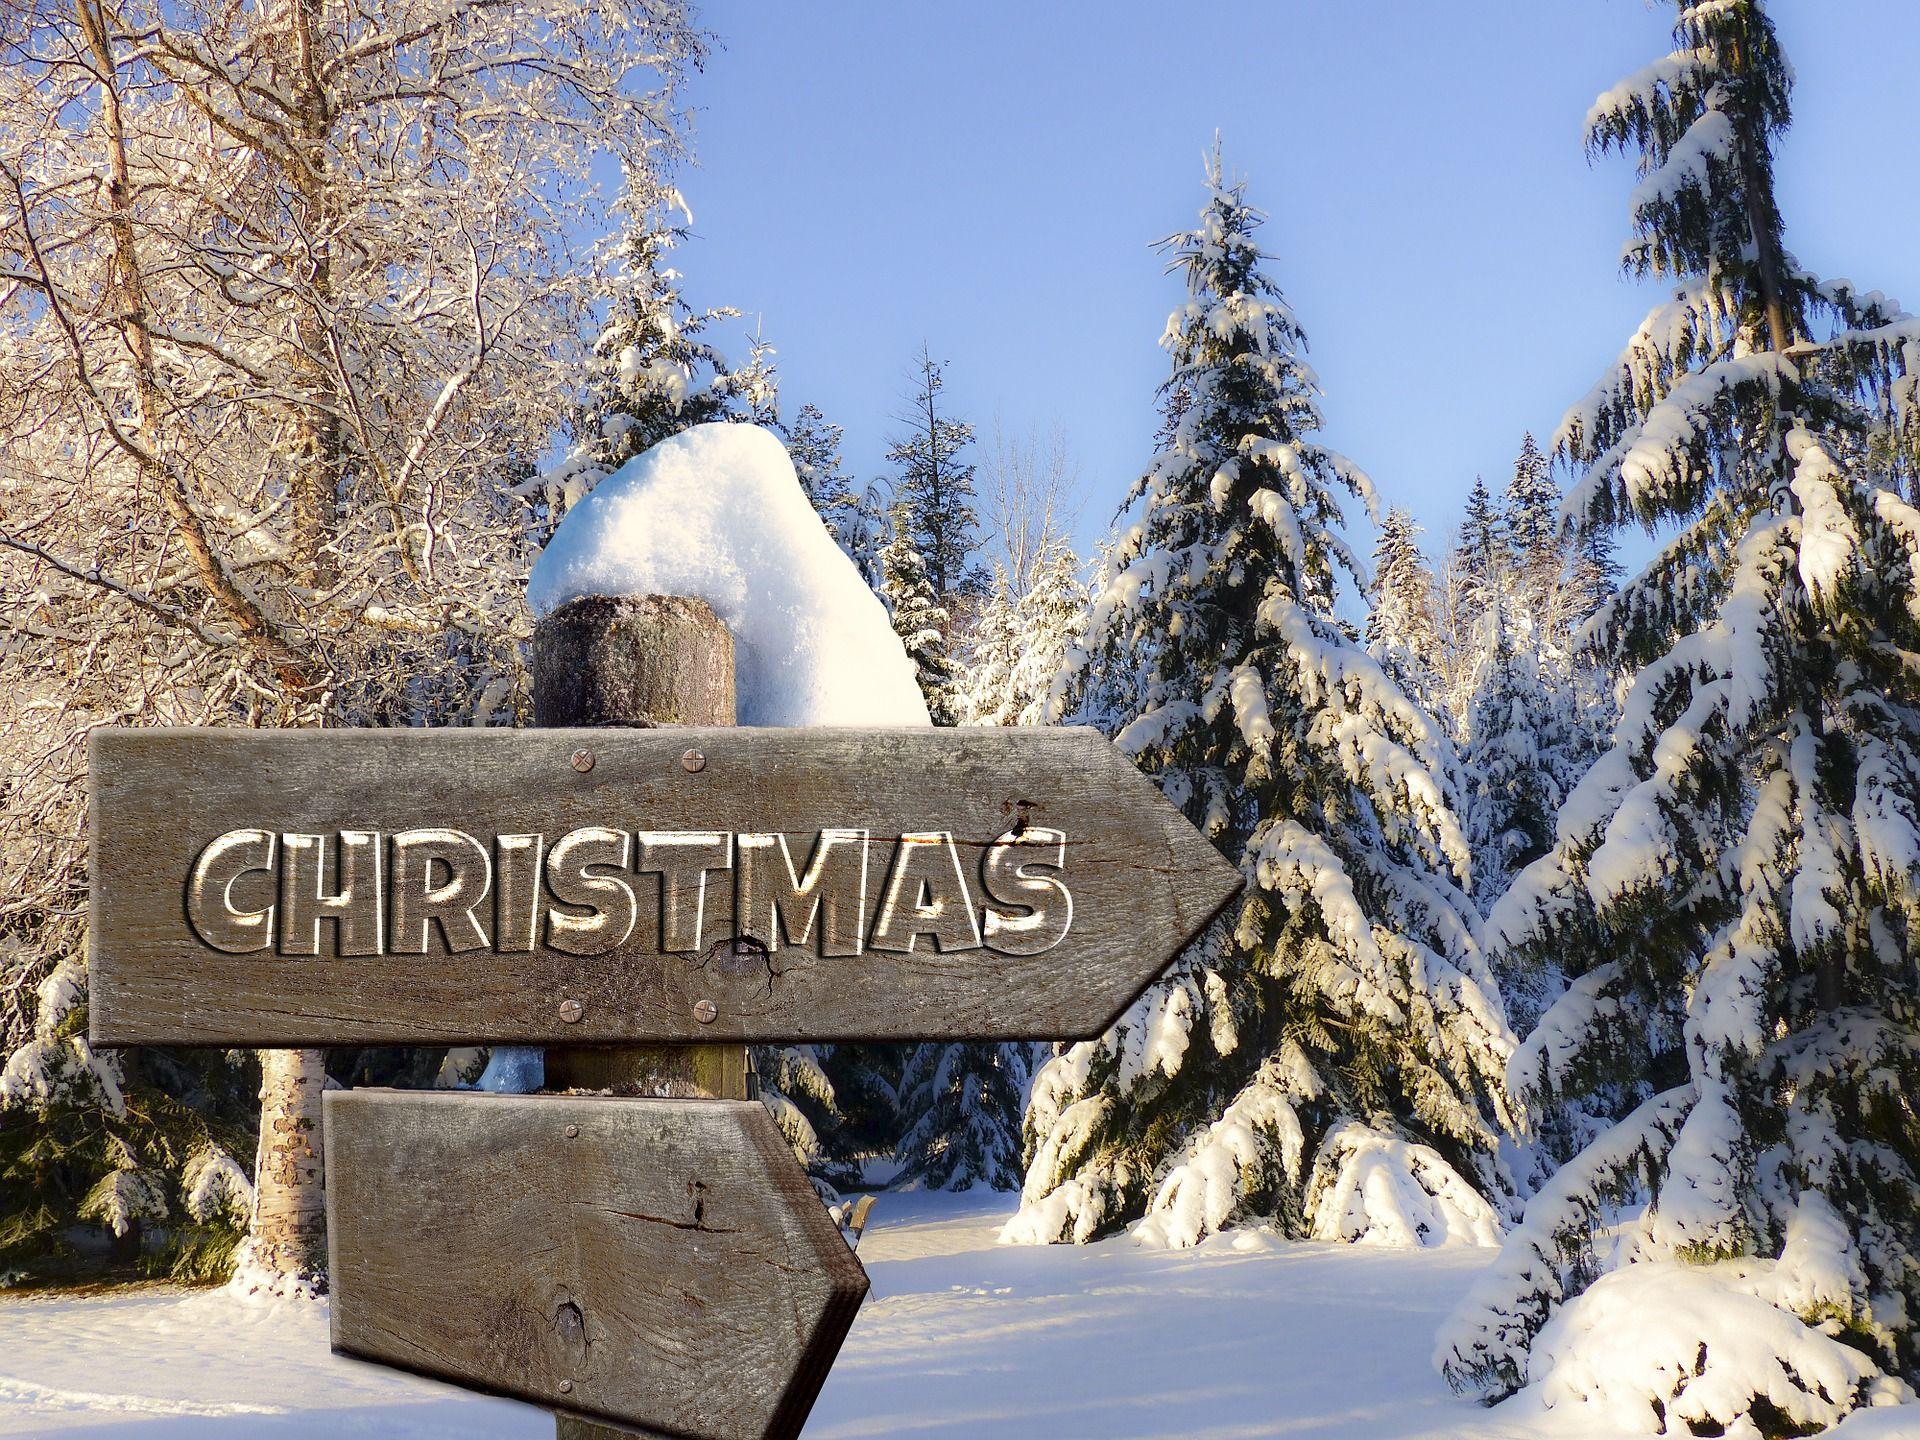 Schnee gibt es dieses Weihnachten wohl nur auf Bildern